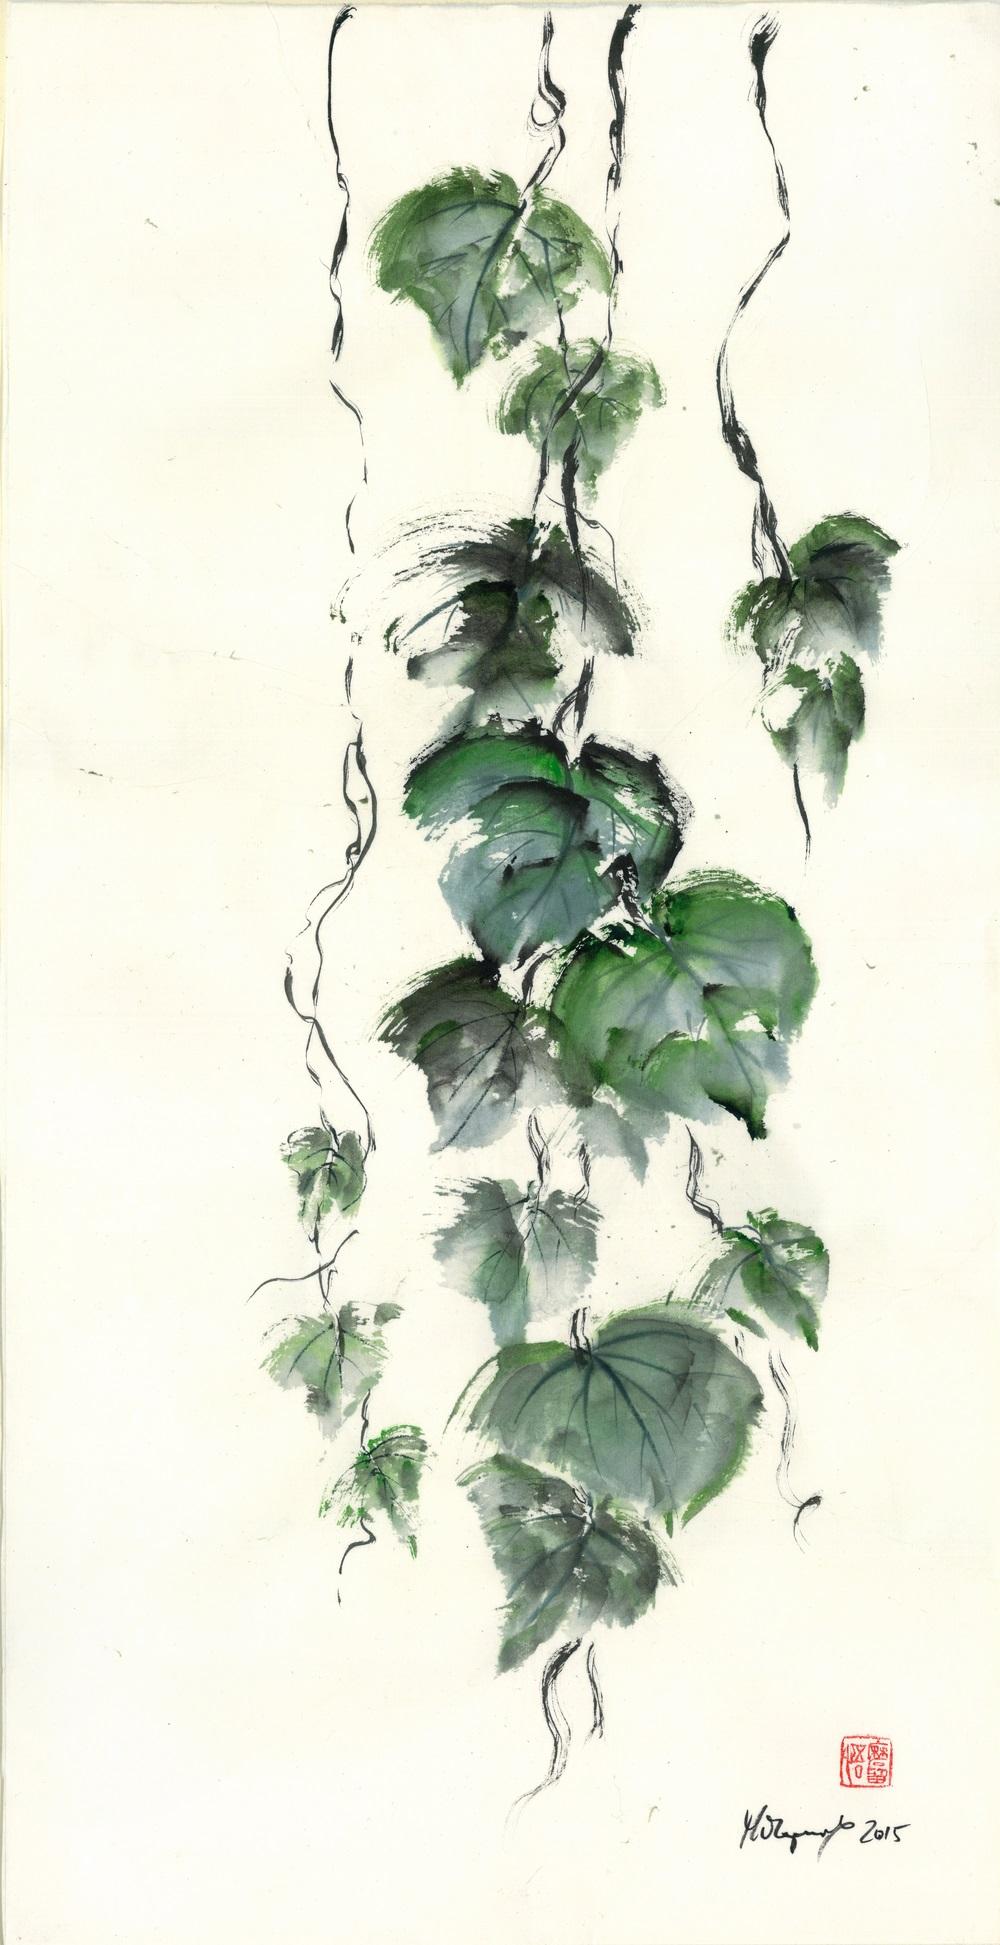 Malgorzata Olejniczak, Traubenblätter, 2015, Hängerolle, Tusche und antike Farbe auf japanischem Papier, 65 x 33,5 cm, mit Seidenmontierung 119 x 45 cm (Ausschnitt)